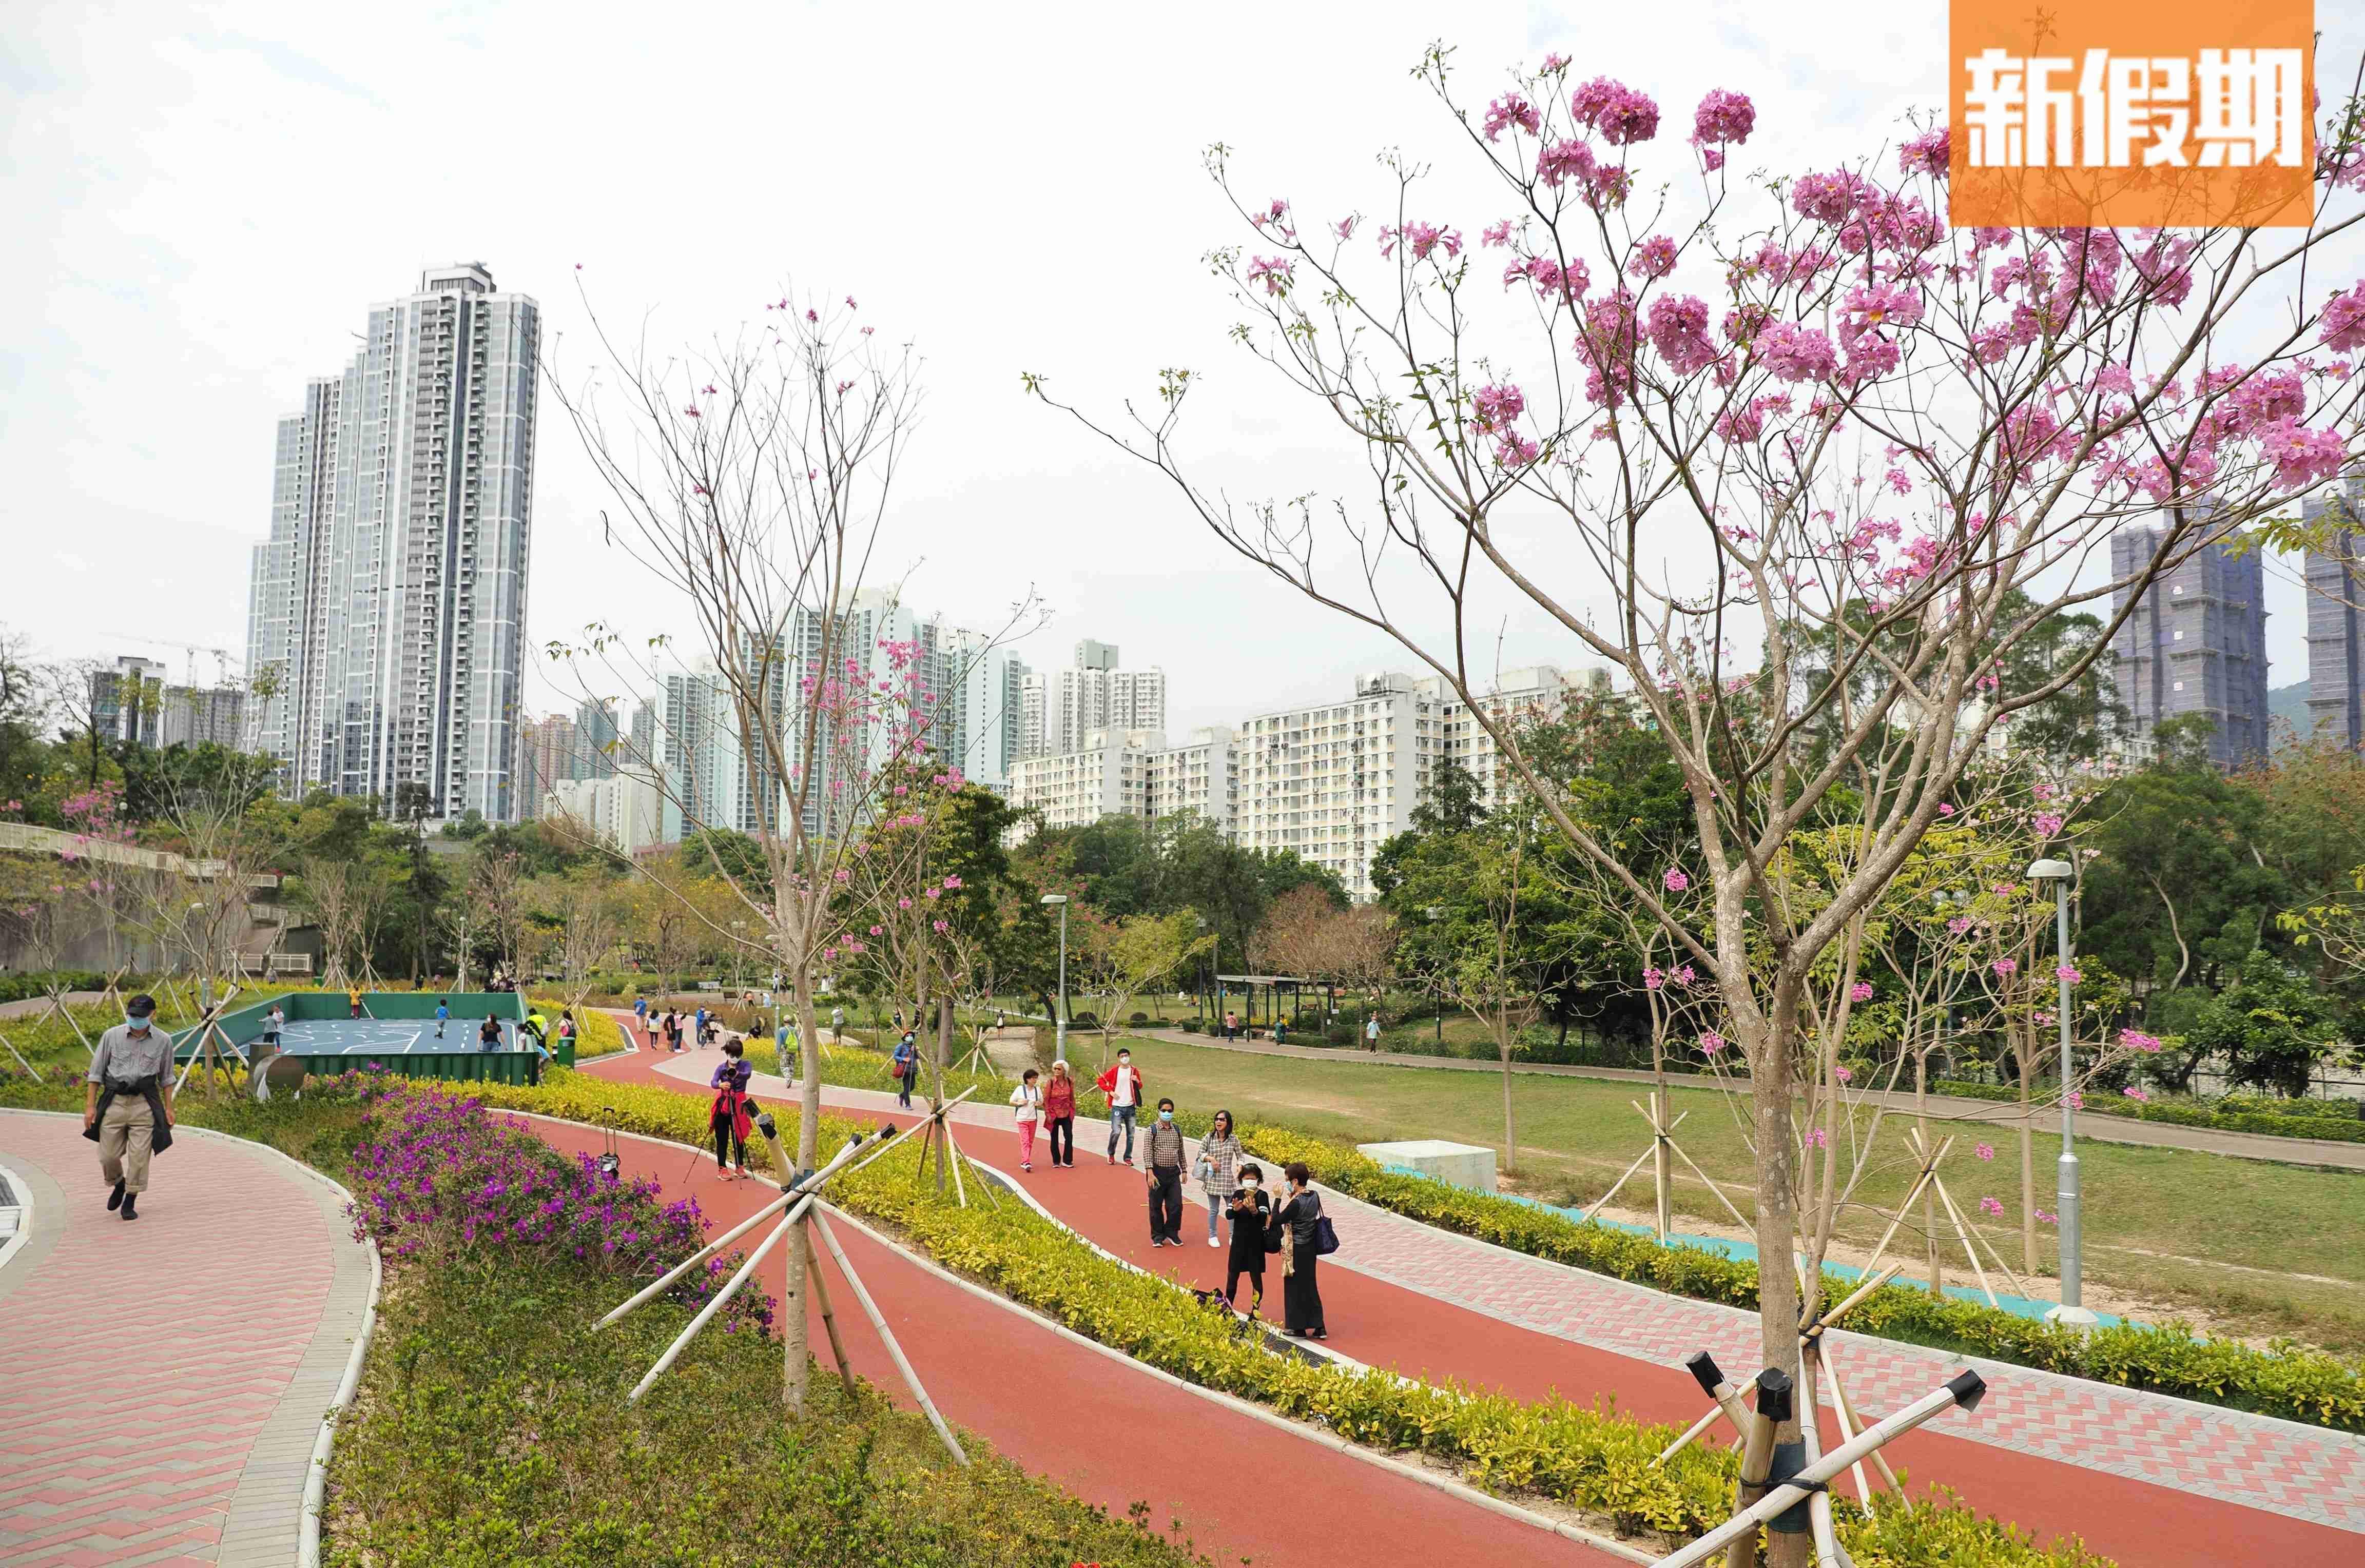 【賞花2020】南昌公園黃花風鈴木盛放 金黃花海花期只剩一星期!|香港好去處